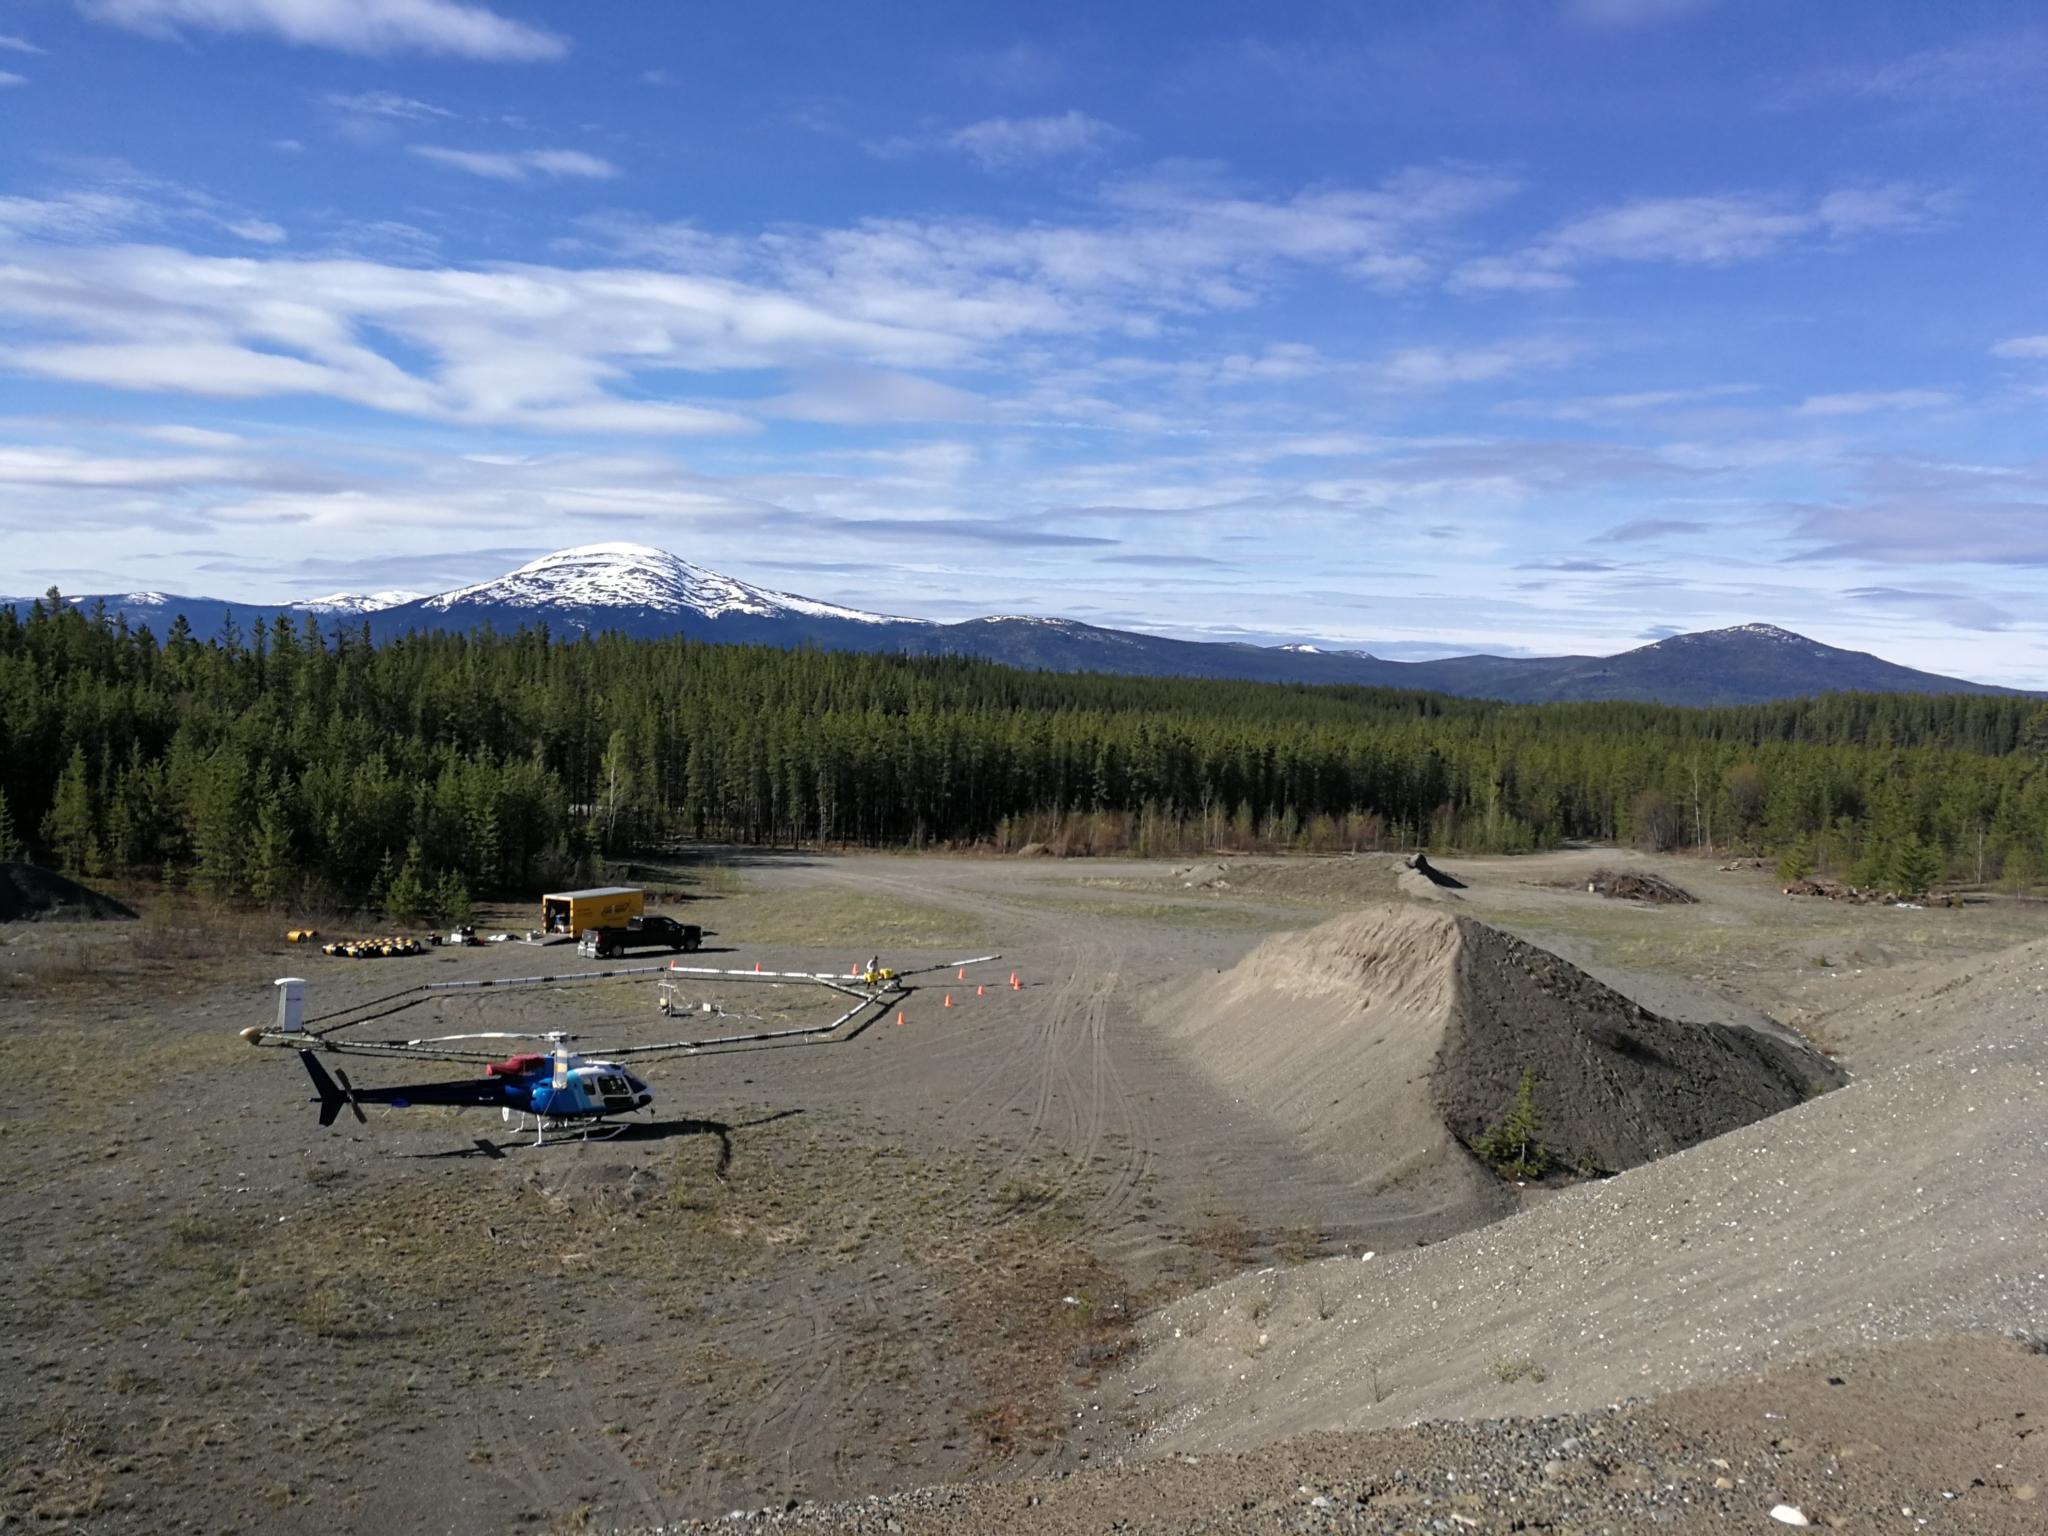 SkyTEM in the Yukon